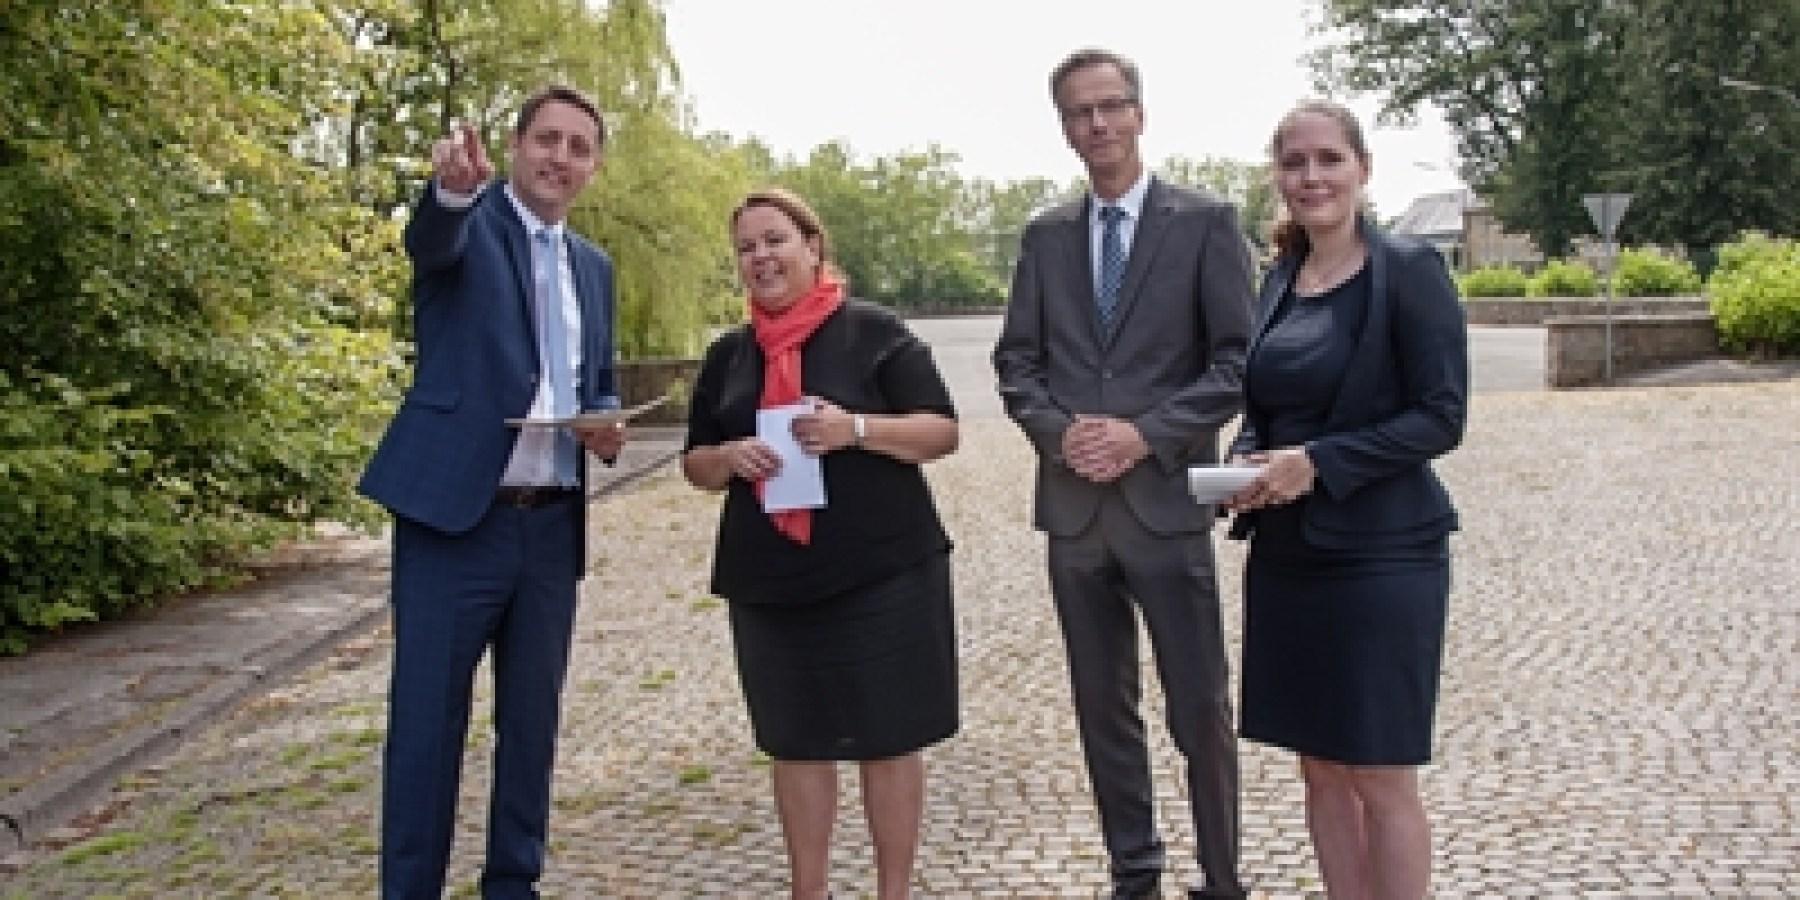 1,6 Millionen Euro für eine klimaangepasste Entwicklung des Oxford-Quartiers